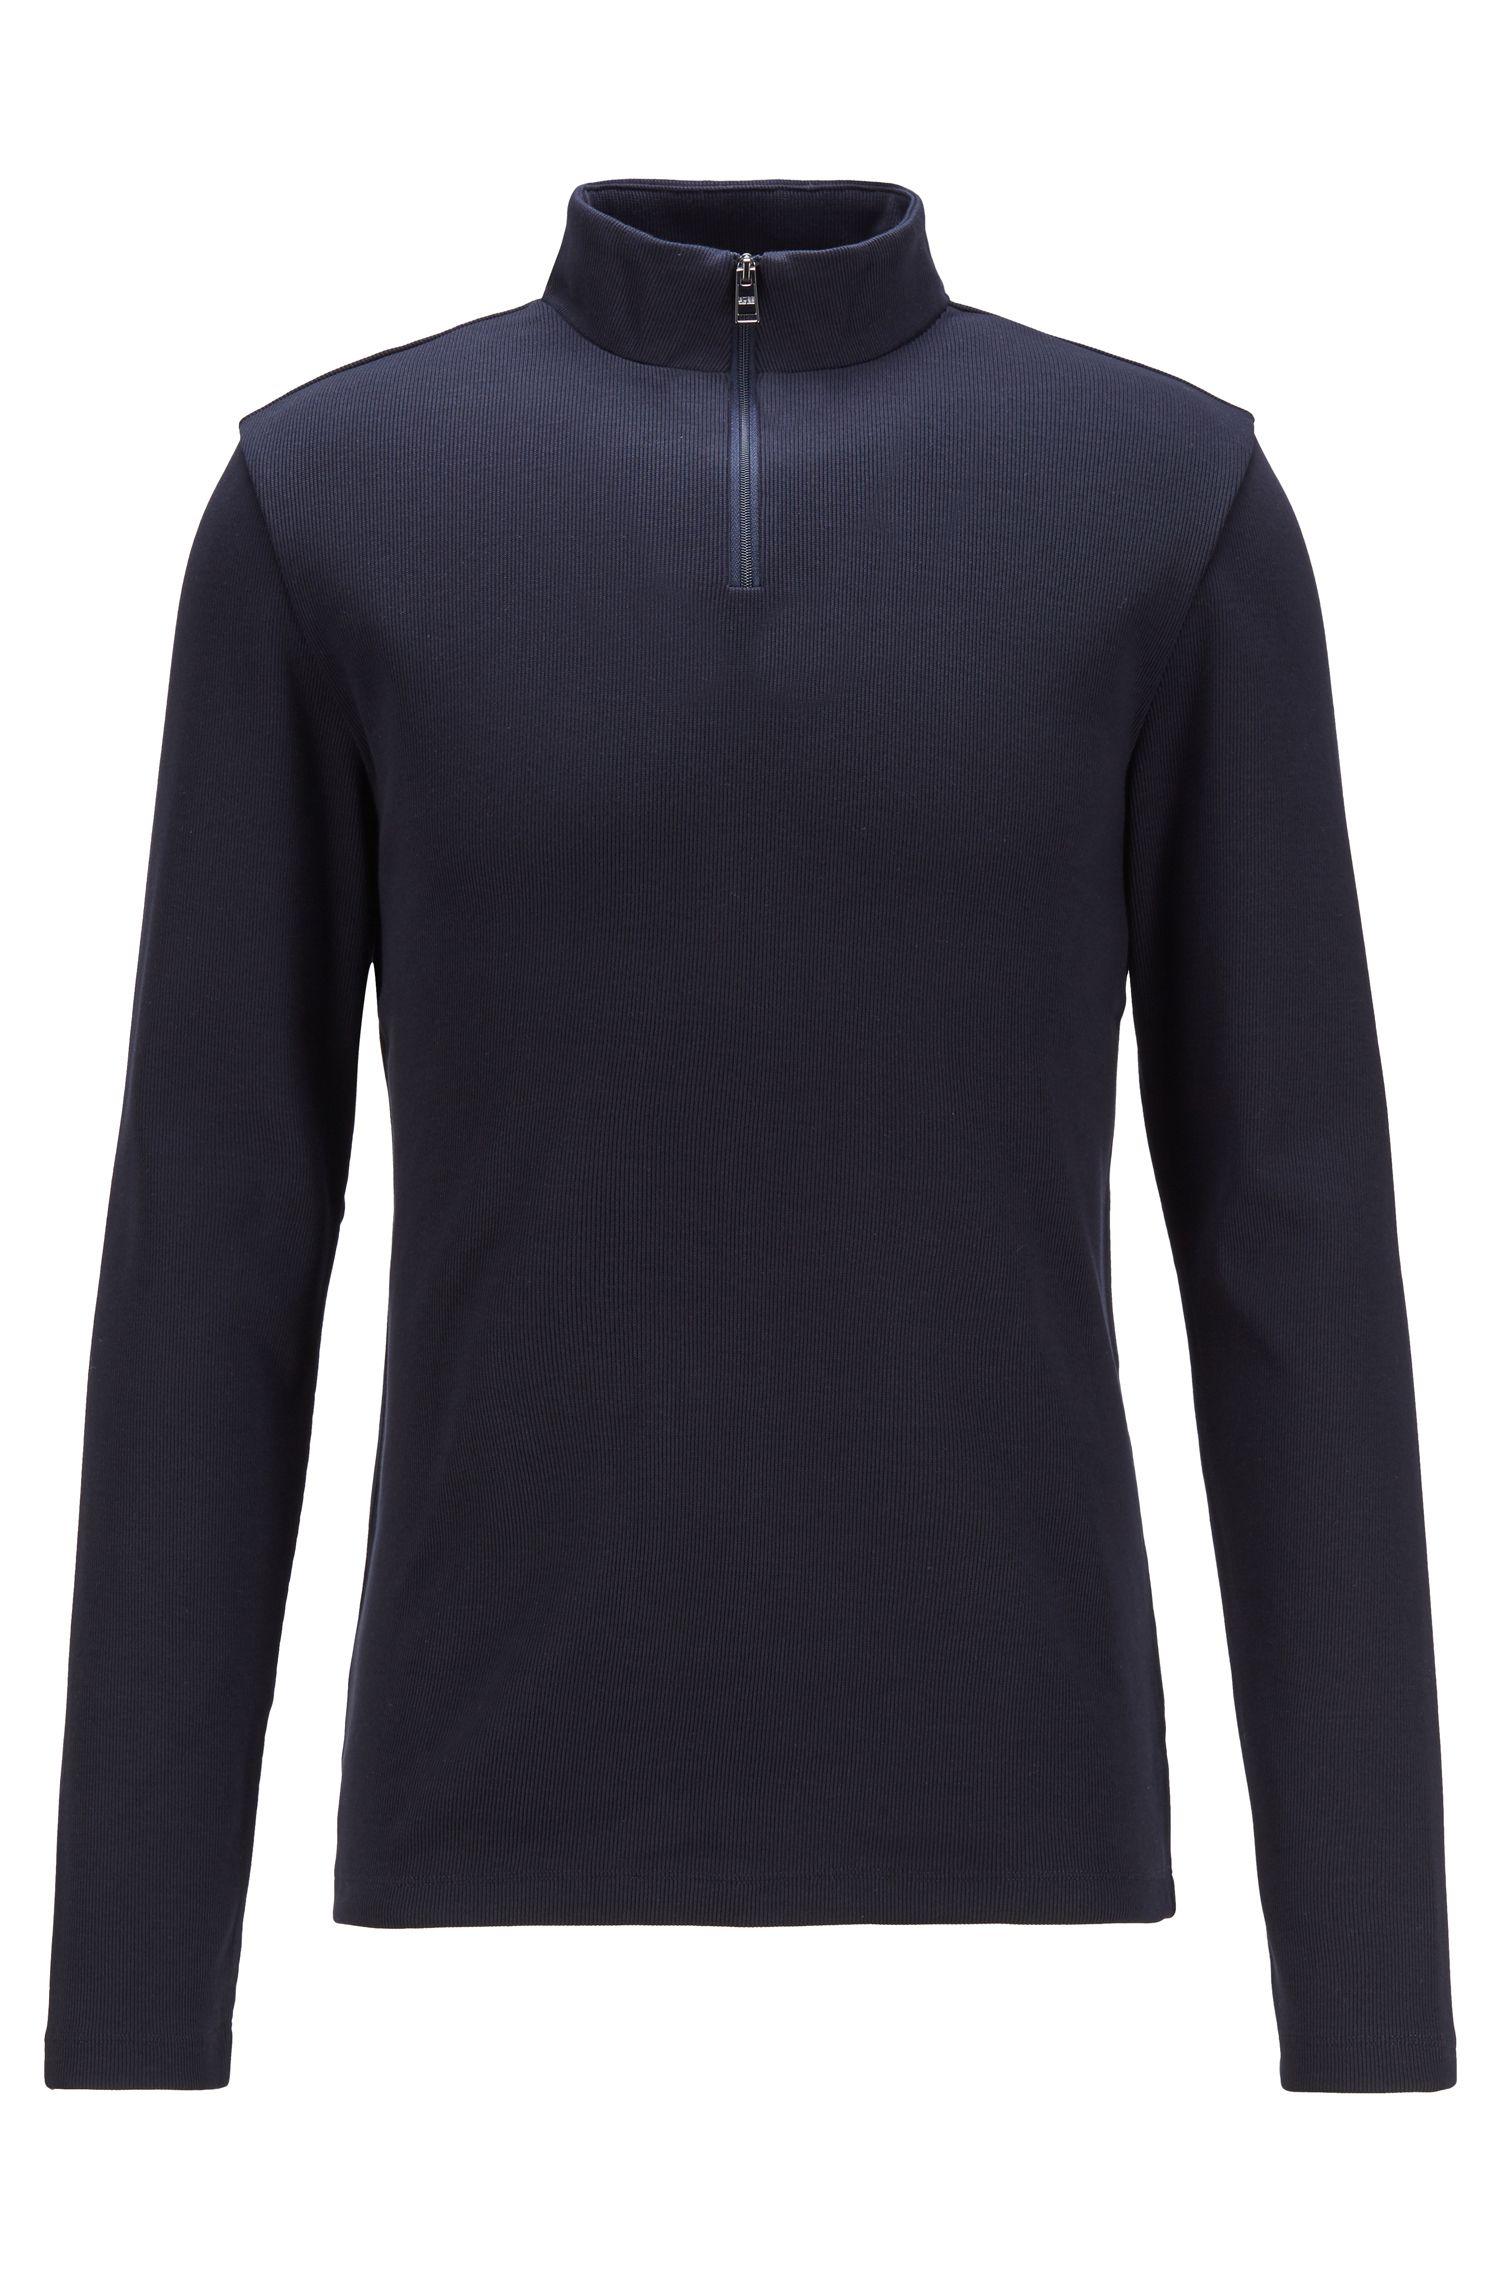 T-shirt Slim Fit côtelé à col zippé et manches longues, Bleu foncé